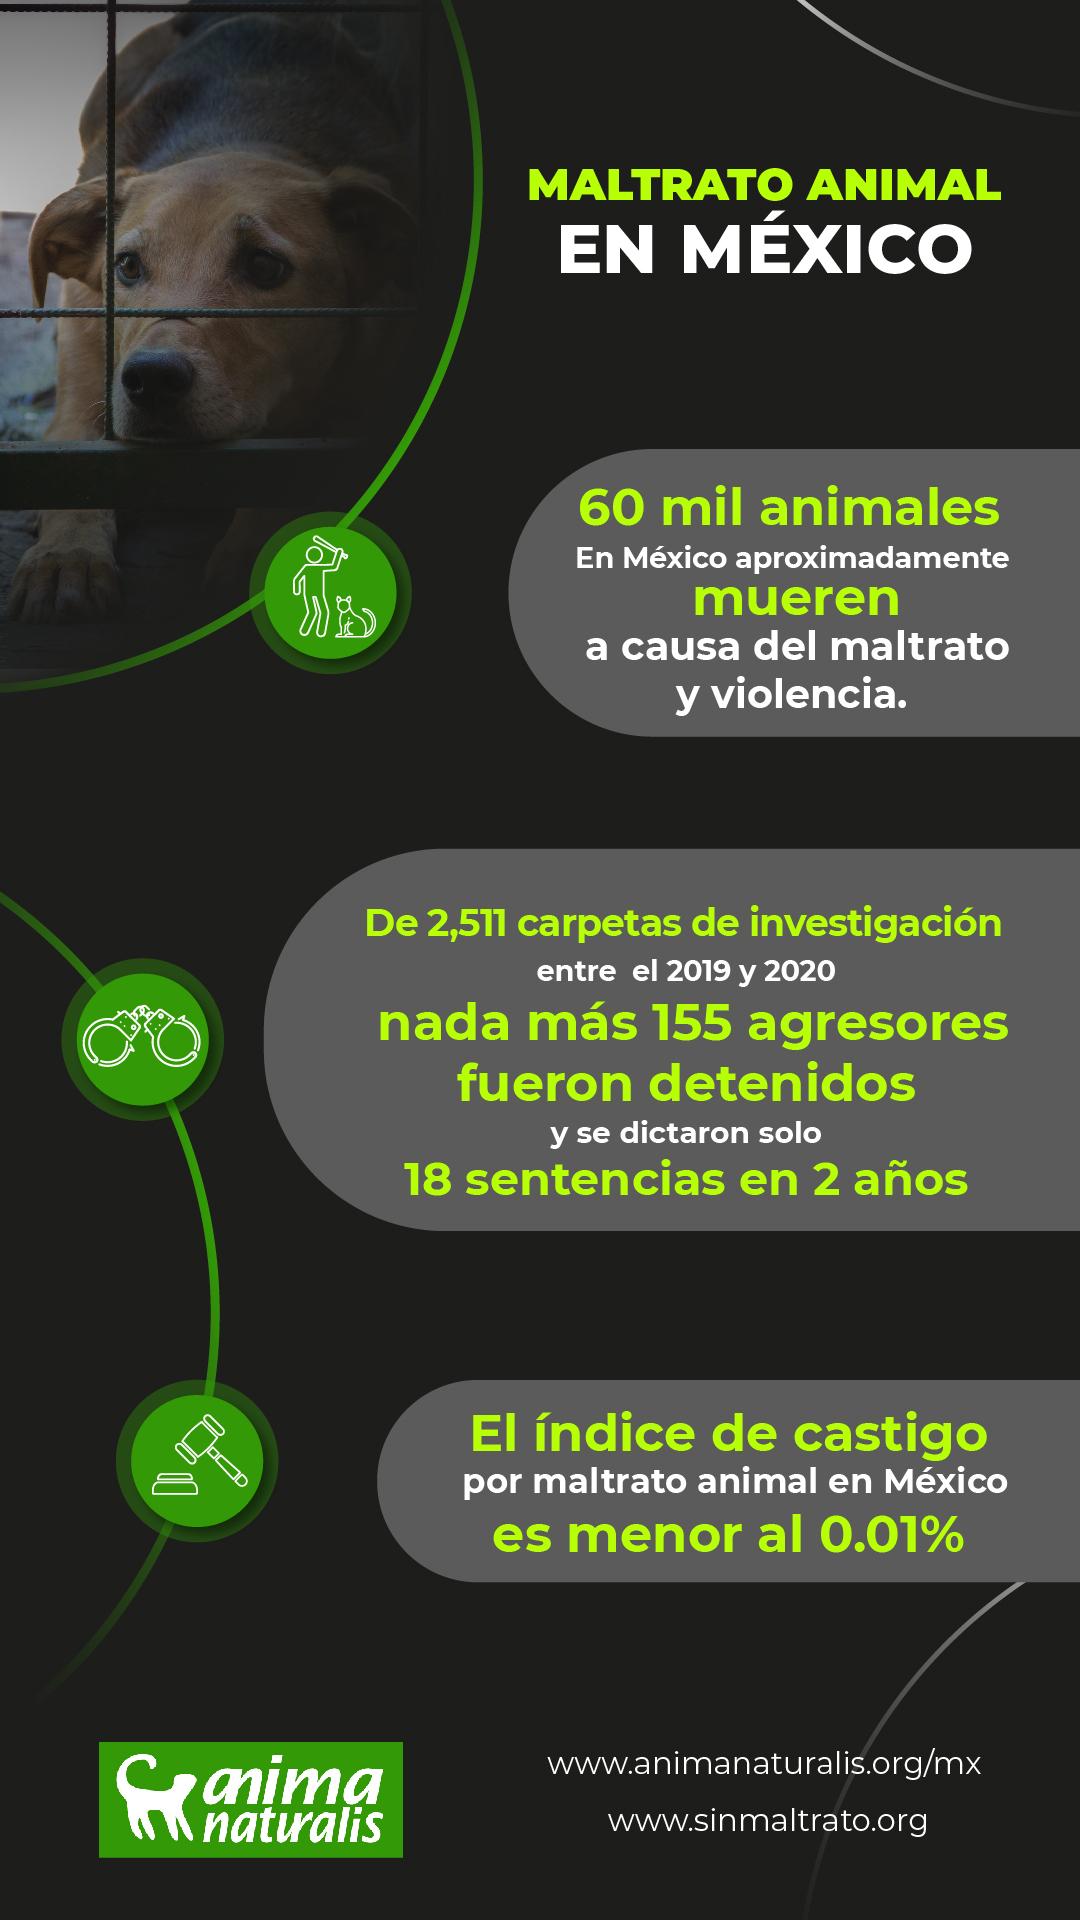 Maltrato animal en México